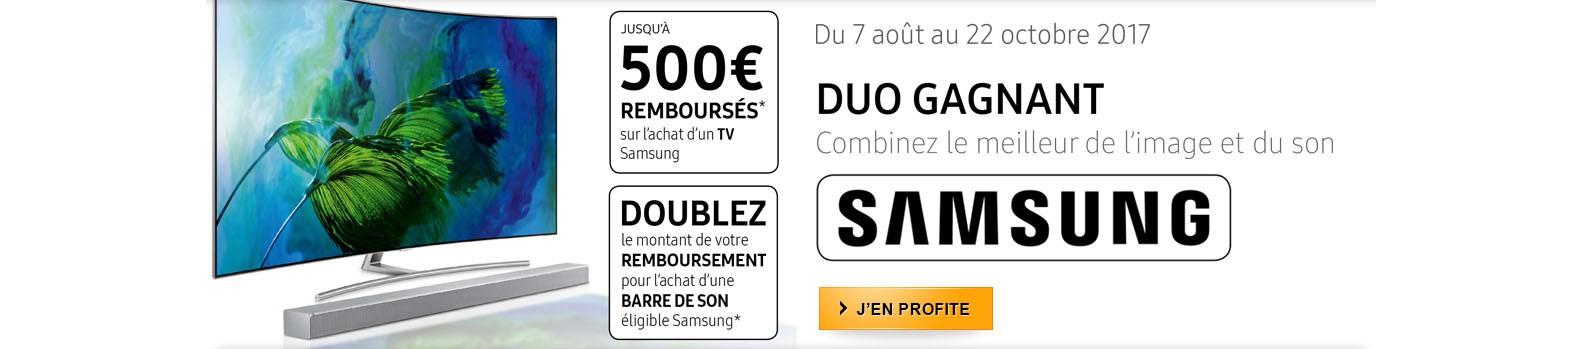 Samsung vous rembourse jusqu'à 1000€ pour l'achat d'un téléviseur 4K et d'une barre de son